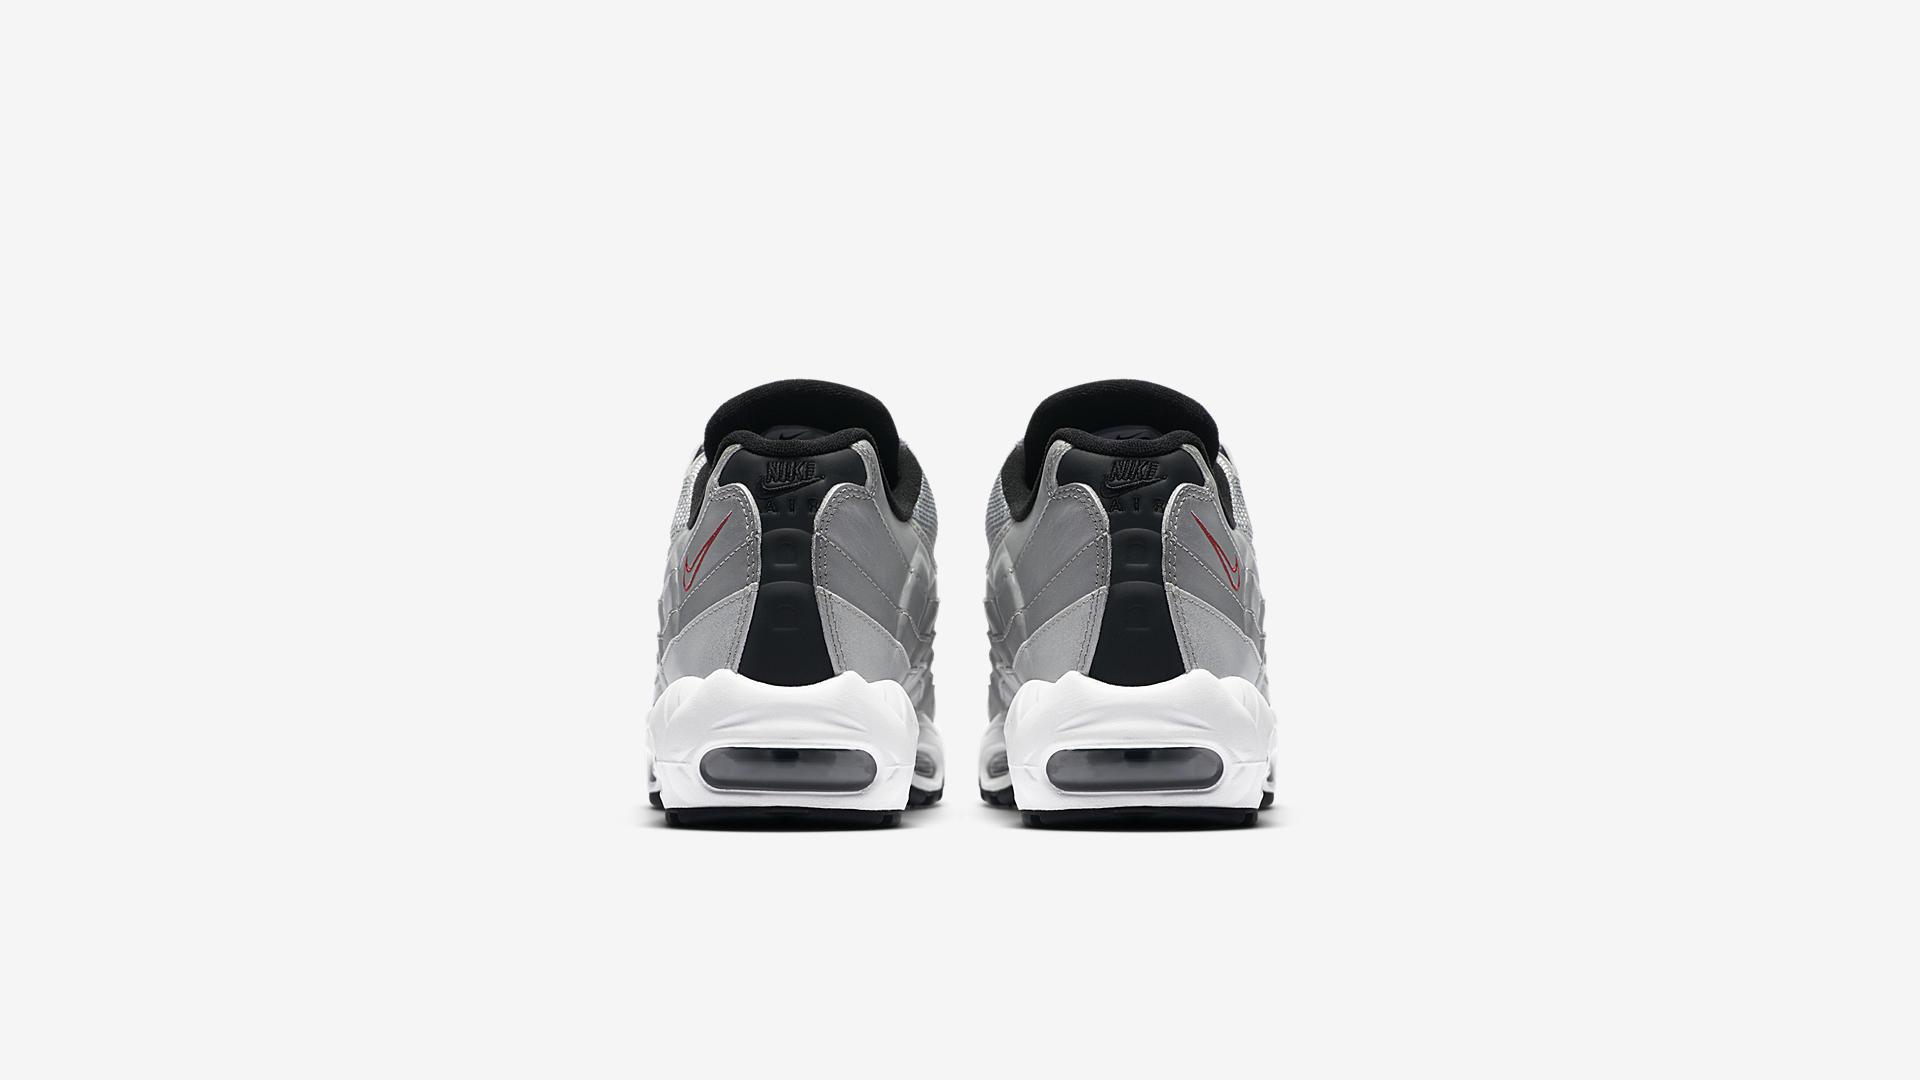 Nike Air Max 95 PRM Metallic Silver 918359 001 5